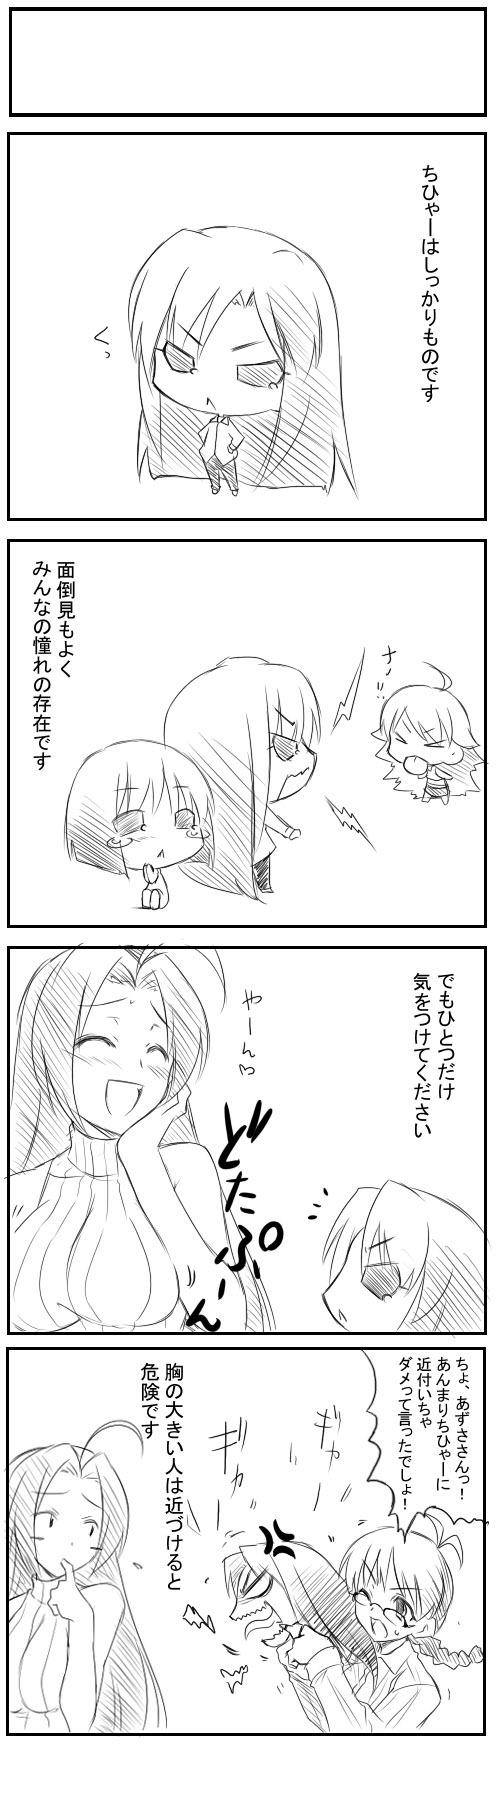 idol_14.jpg